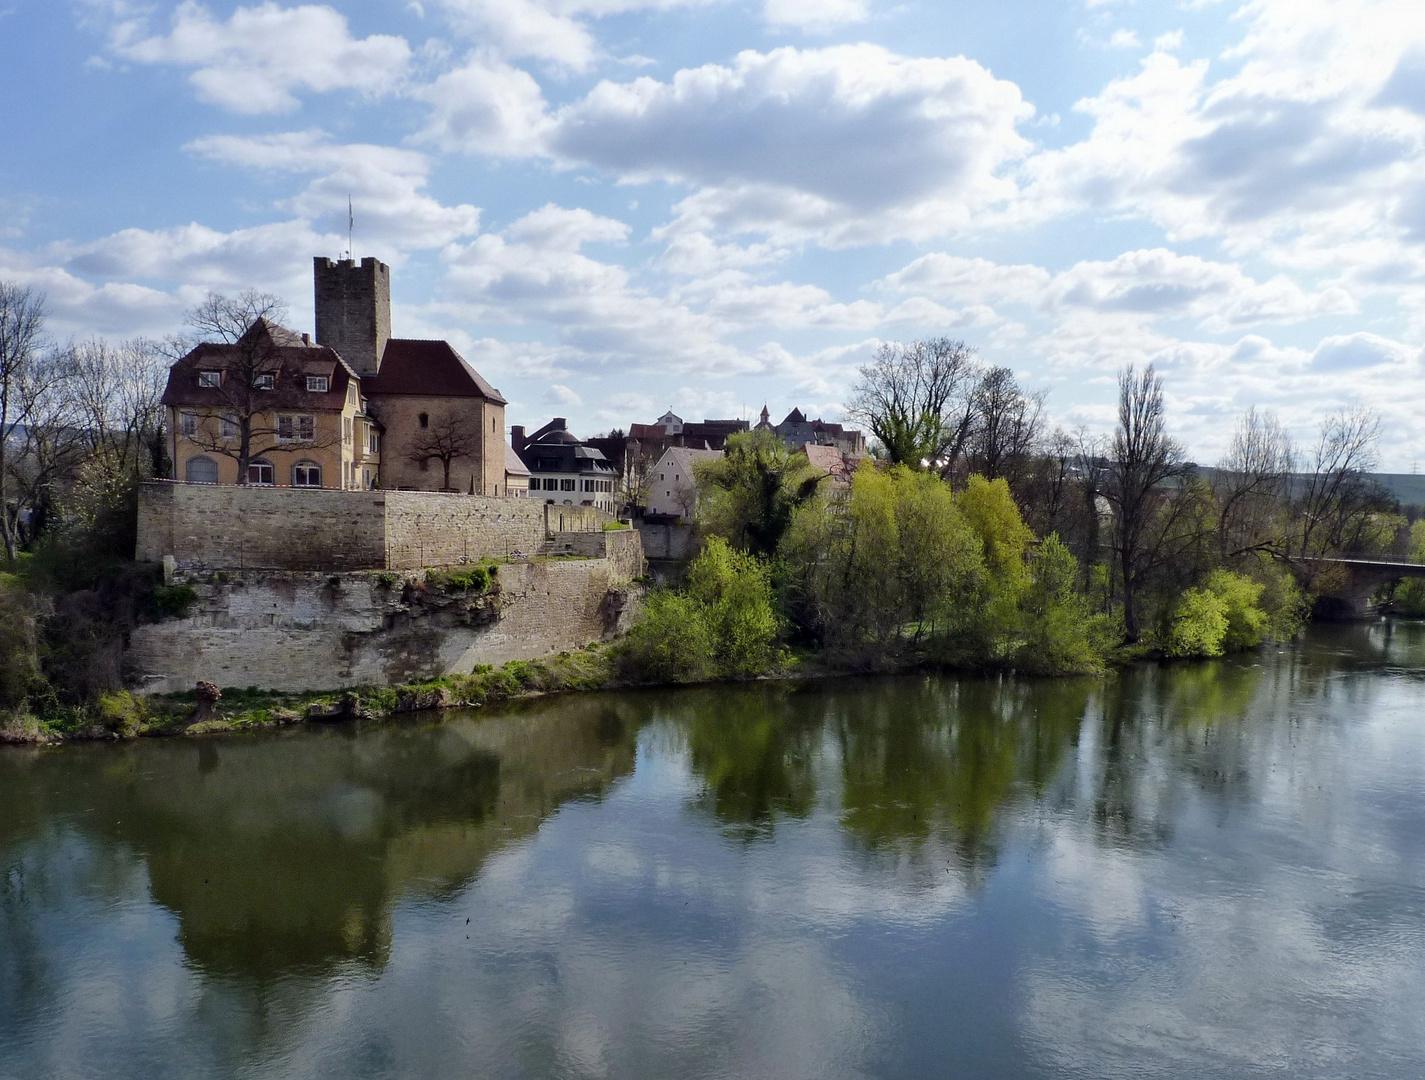 Lauffen am Neckar